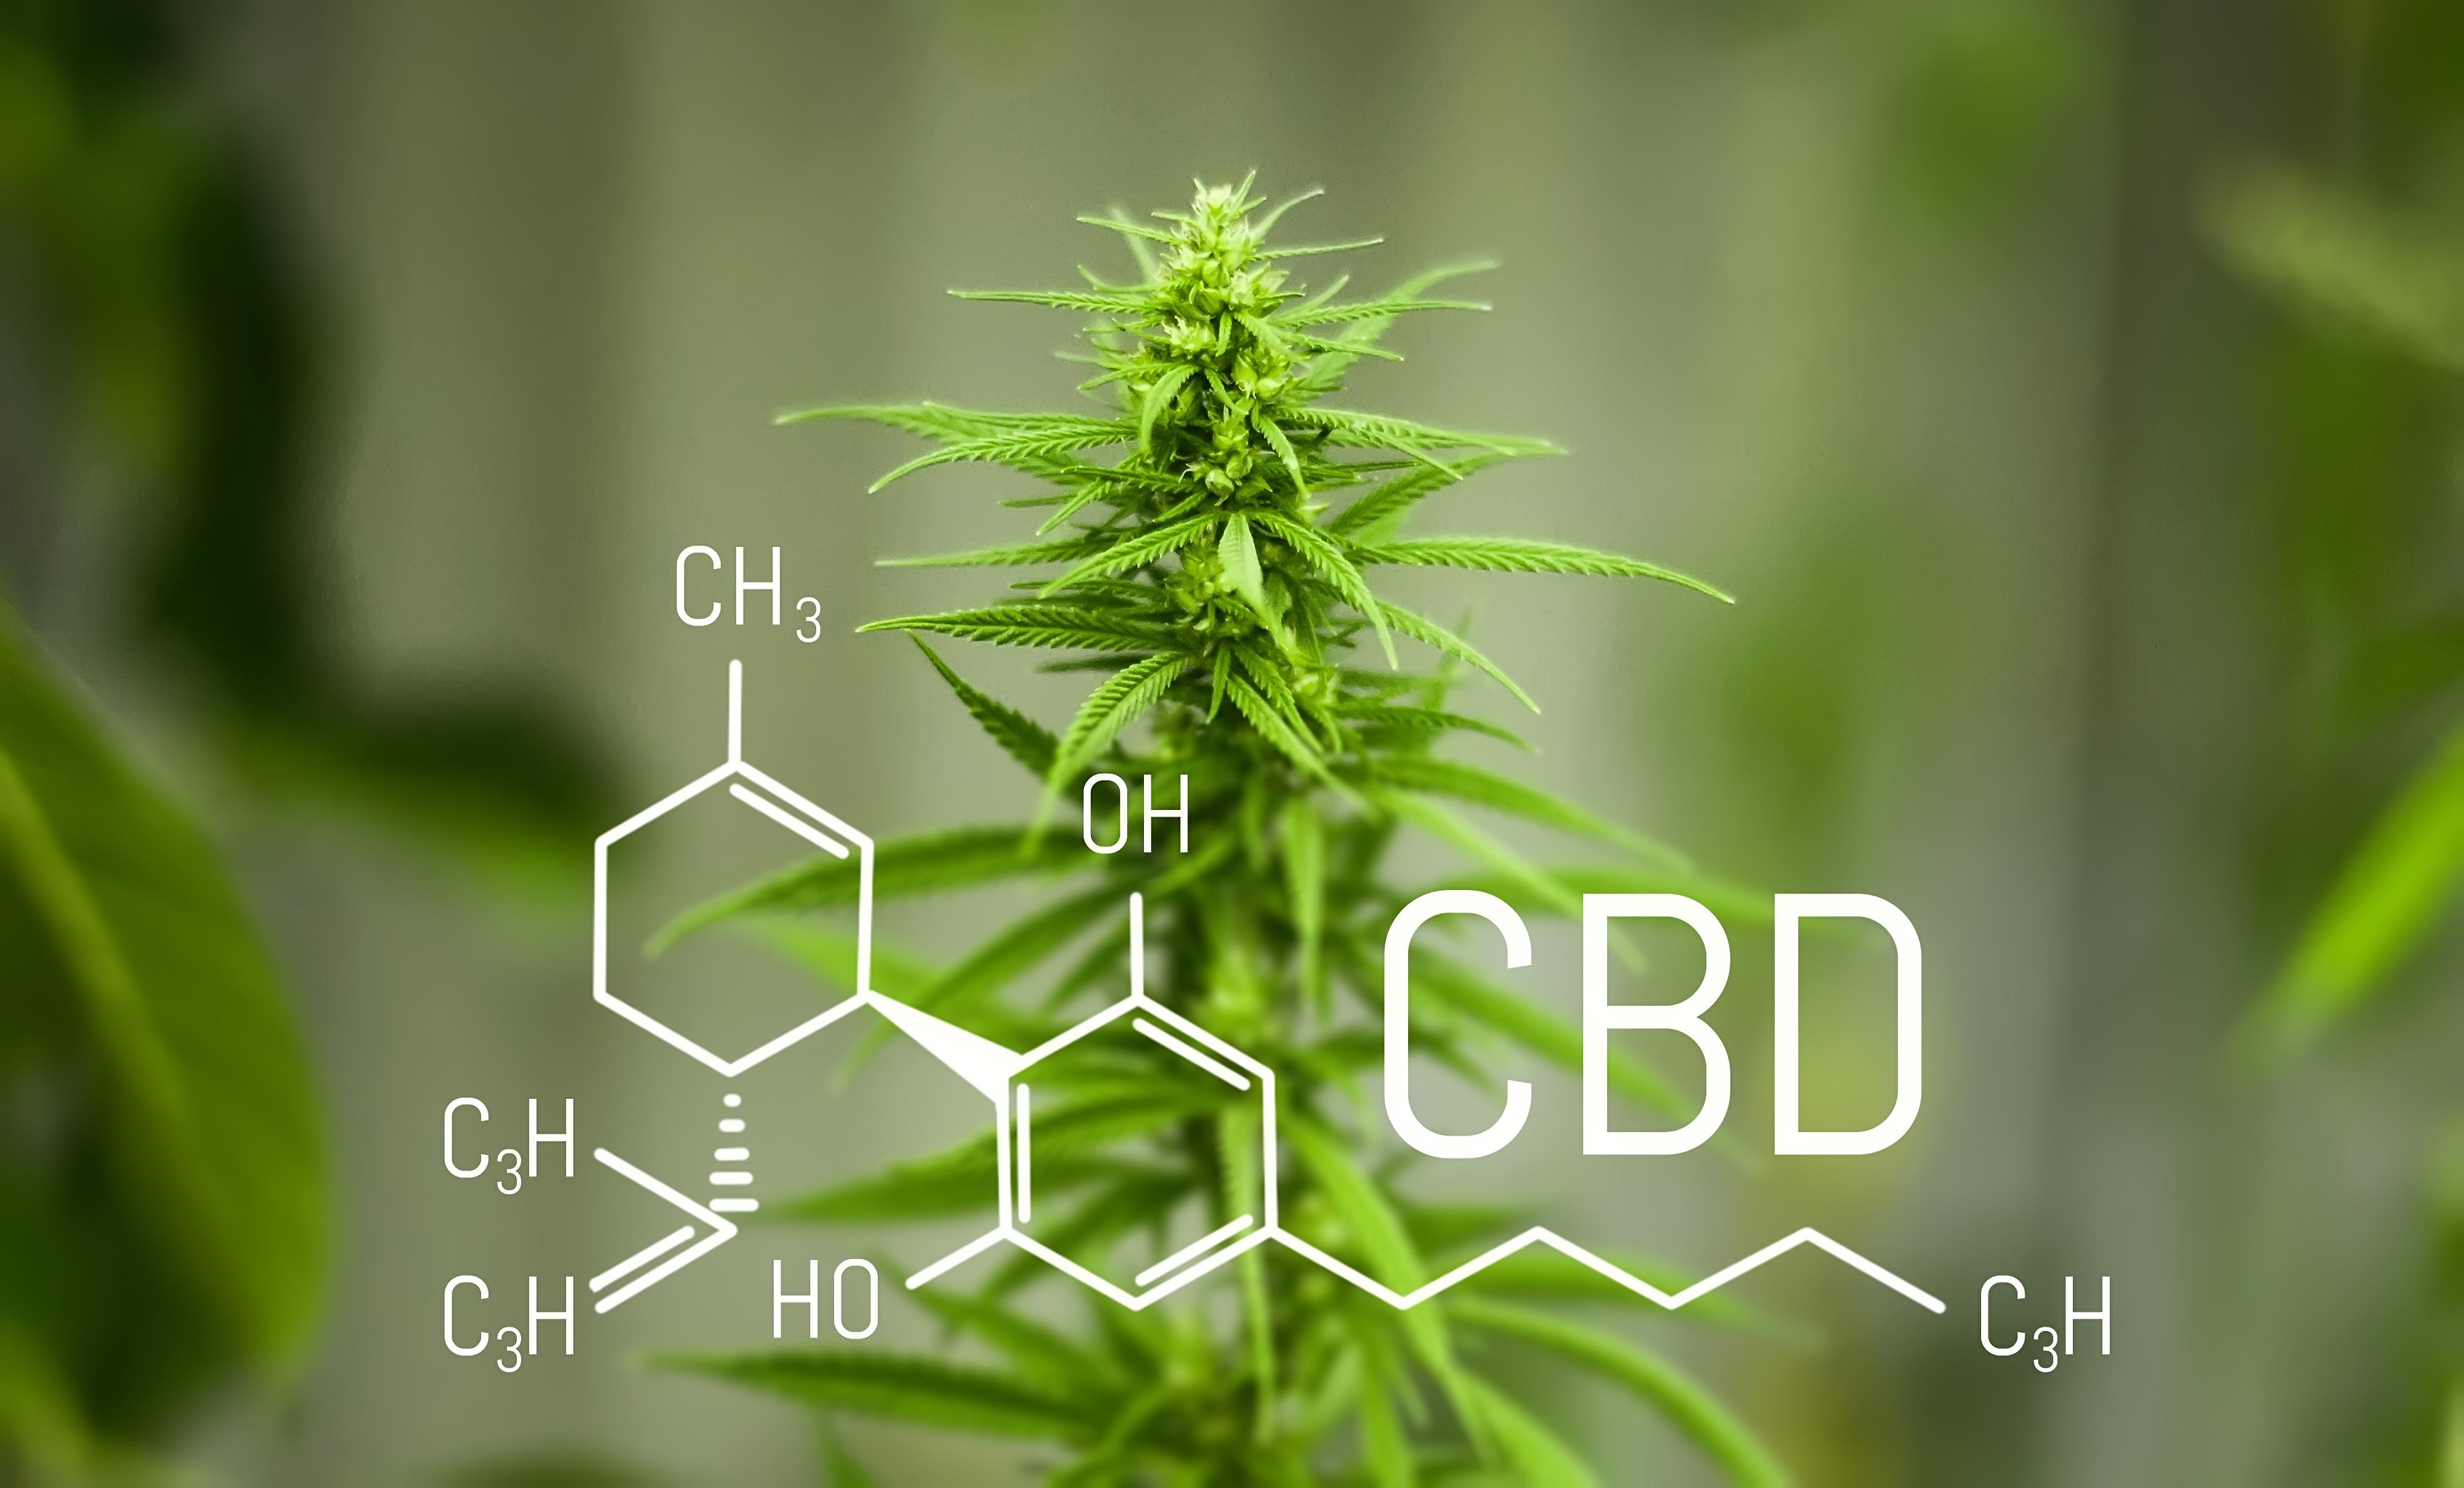 Principios activos del cannabis: Lo bueno y malo de la marihuana